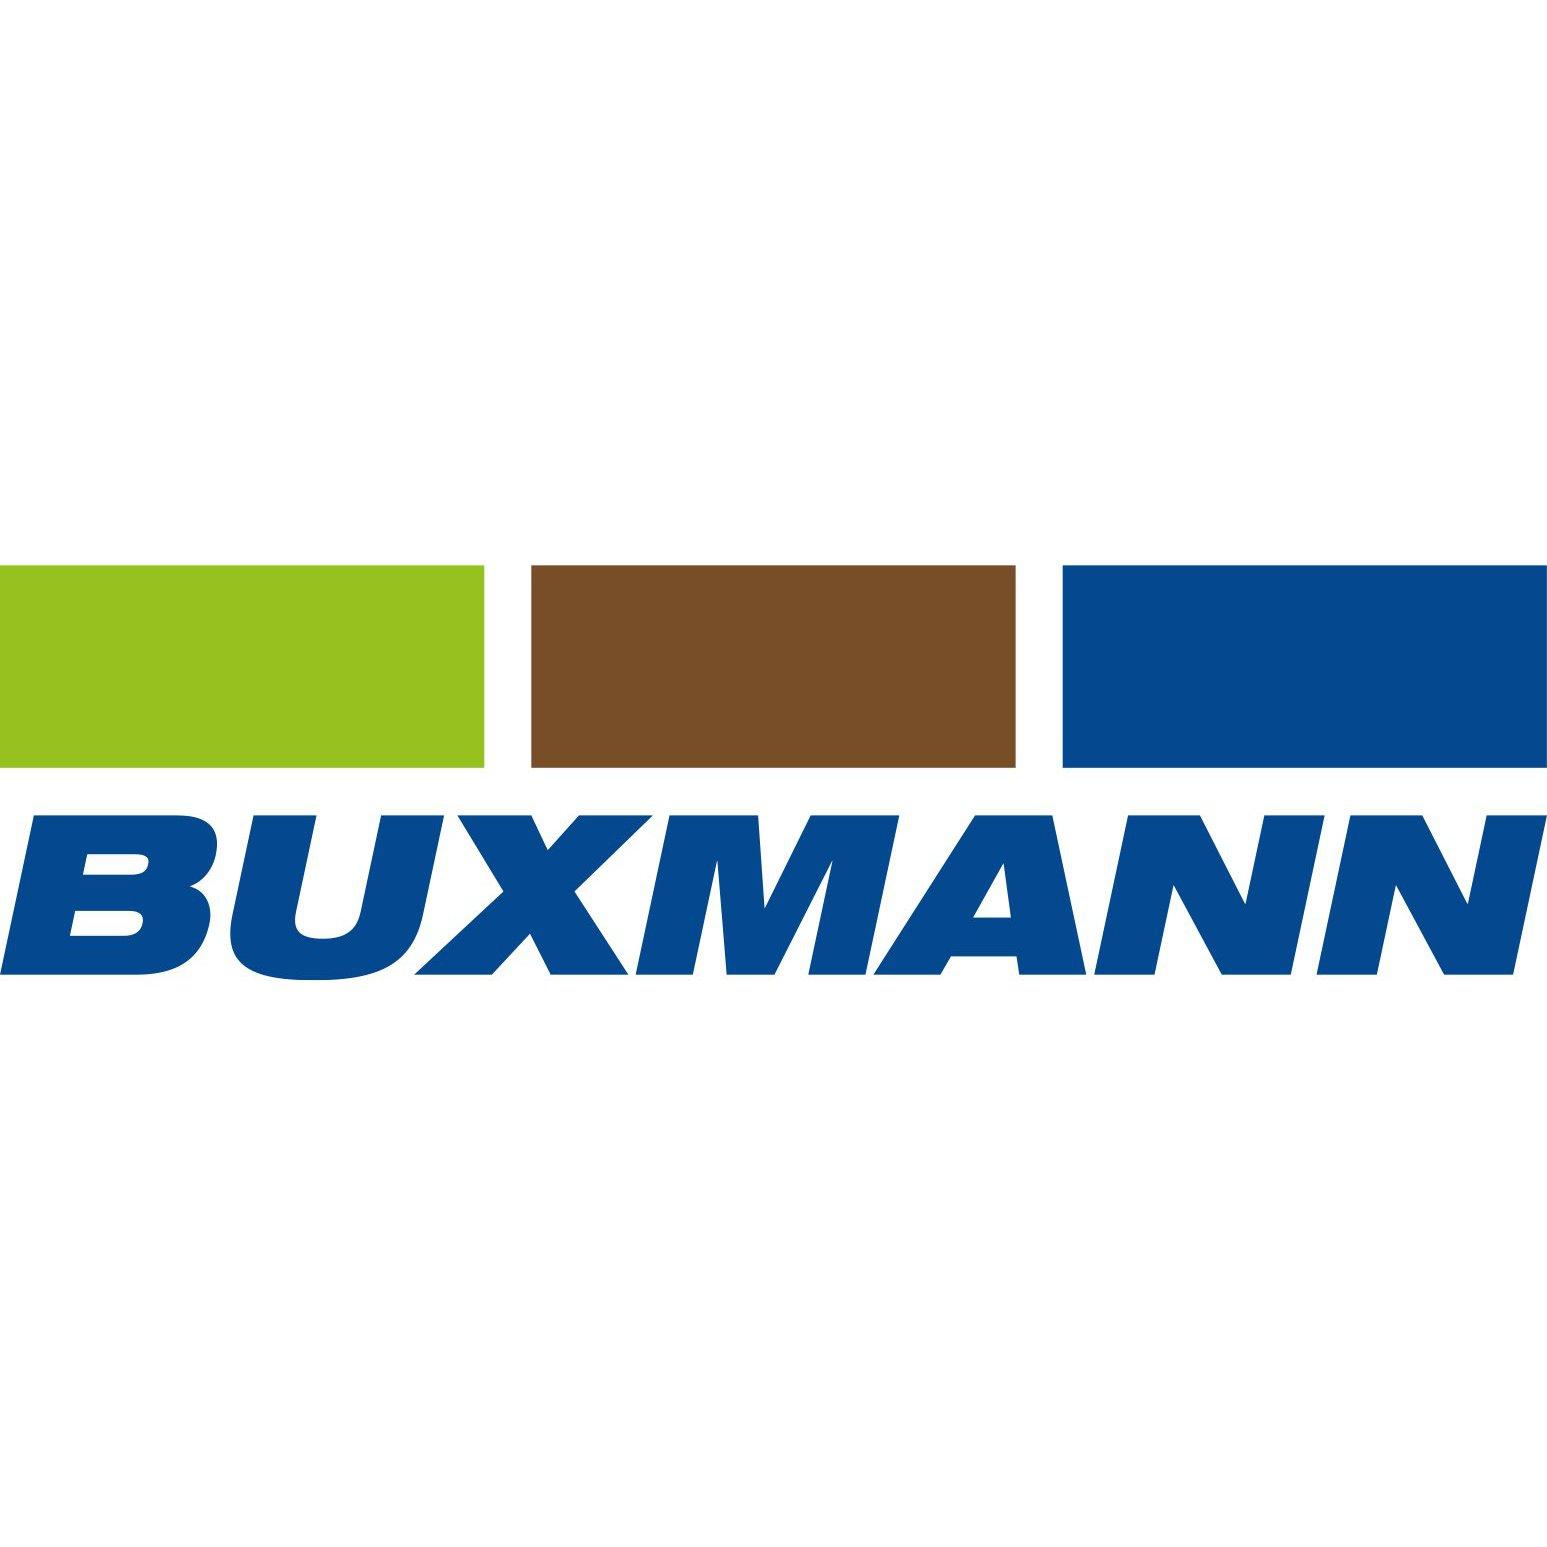 Buxmann Werbeartikel Inh. Lars Beck